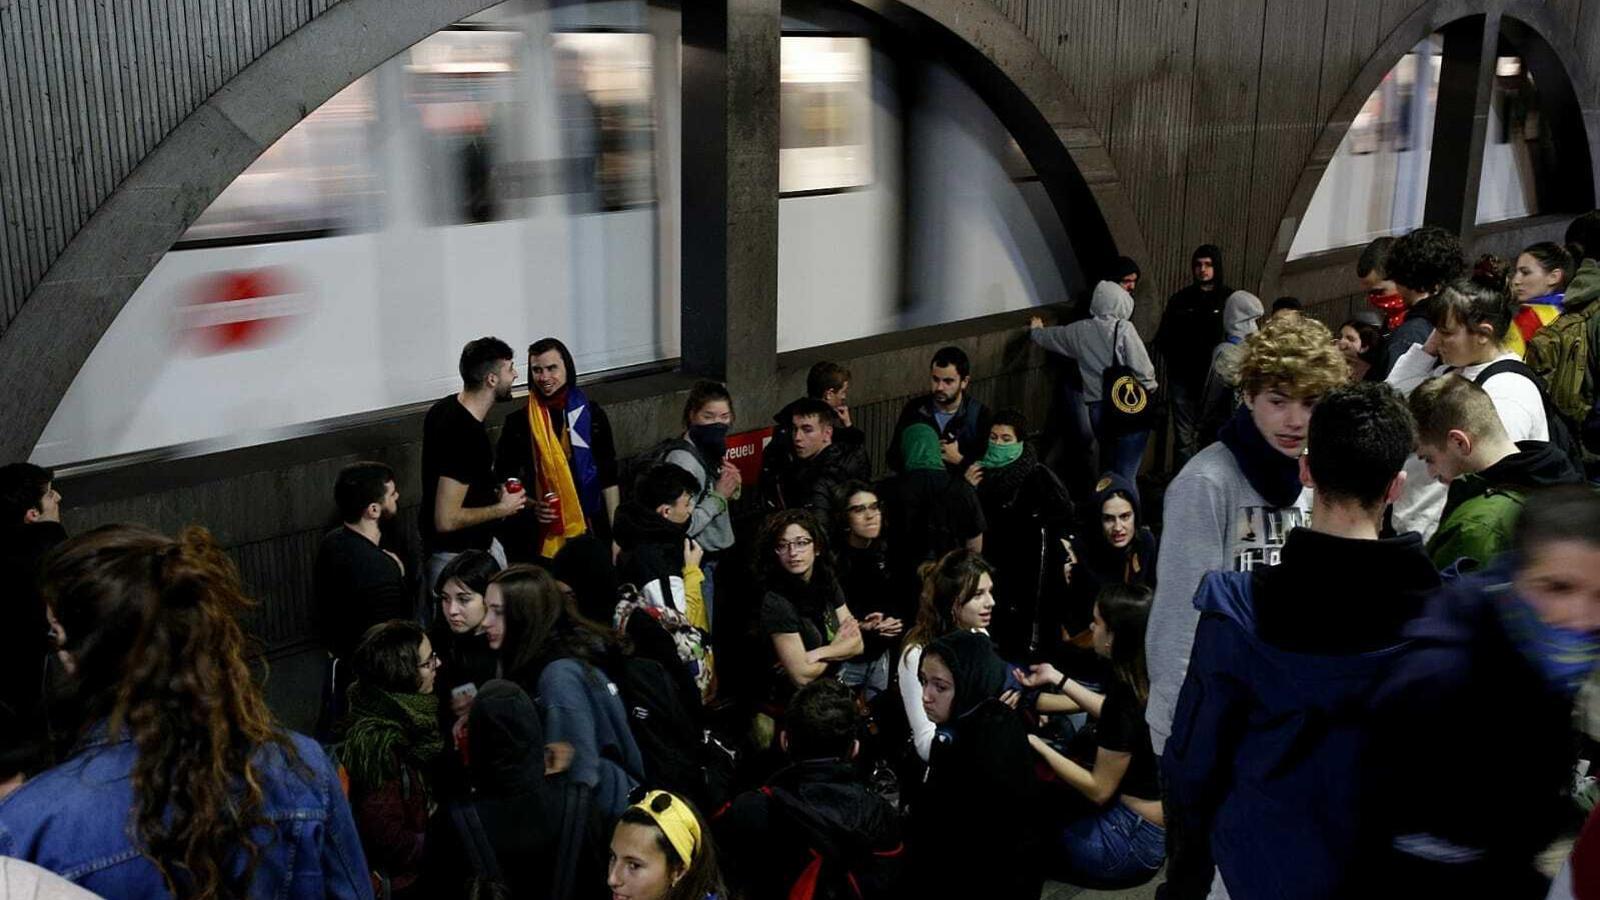 Desenes de persones ocupen les vies de l'estació de plaça Catalunya